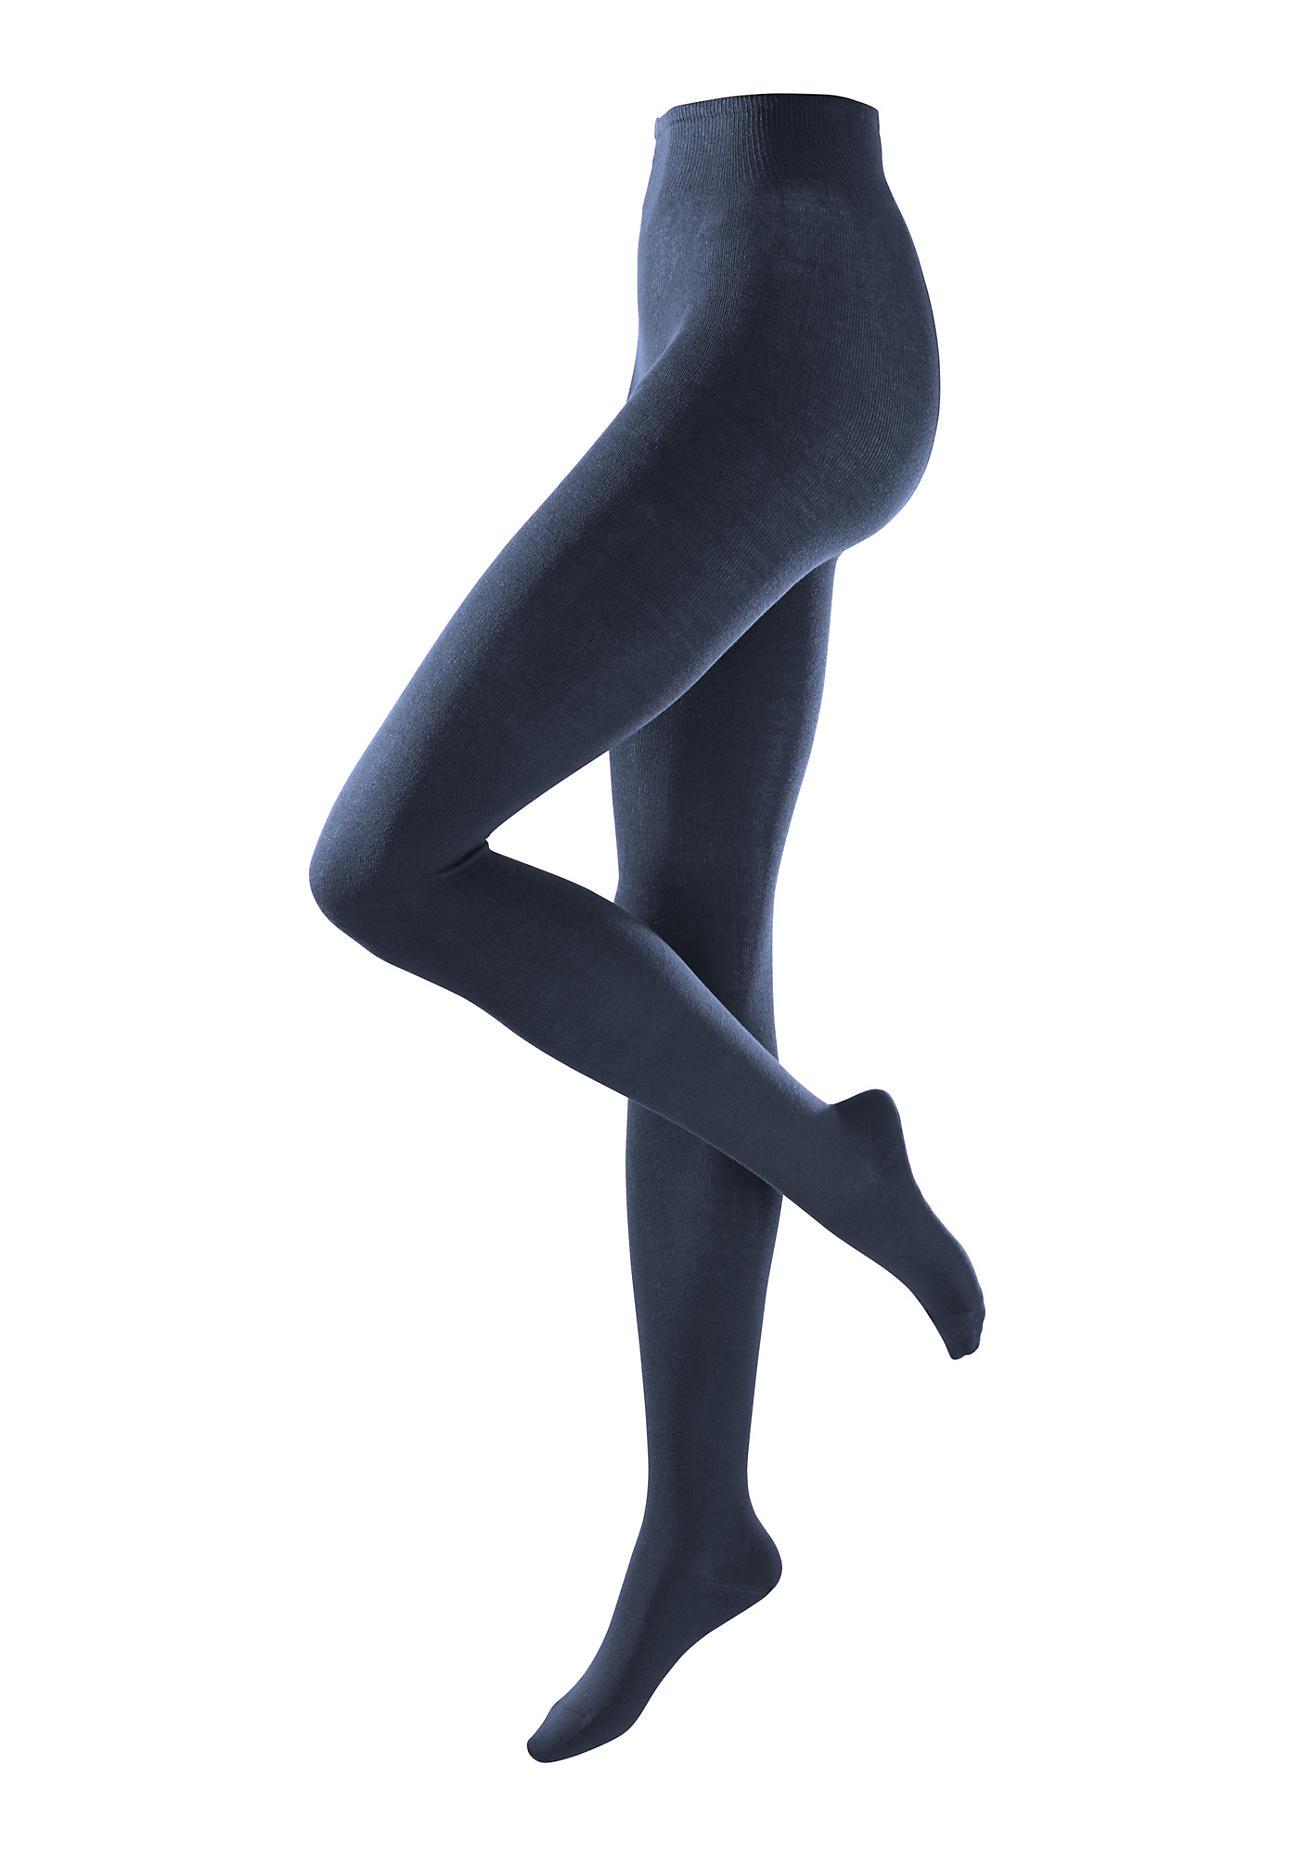 hessnatur Blickdichte Strumpfhose aus Bio-Baumwolle – blau – Größe 36/38